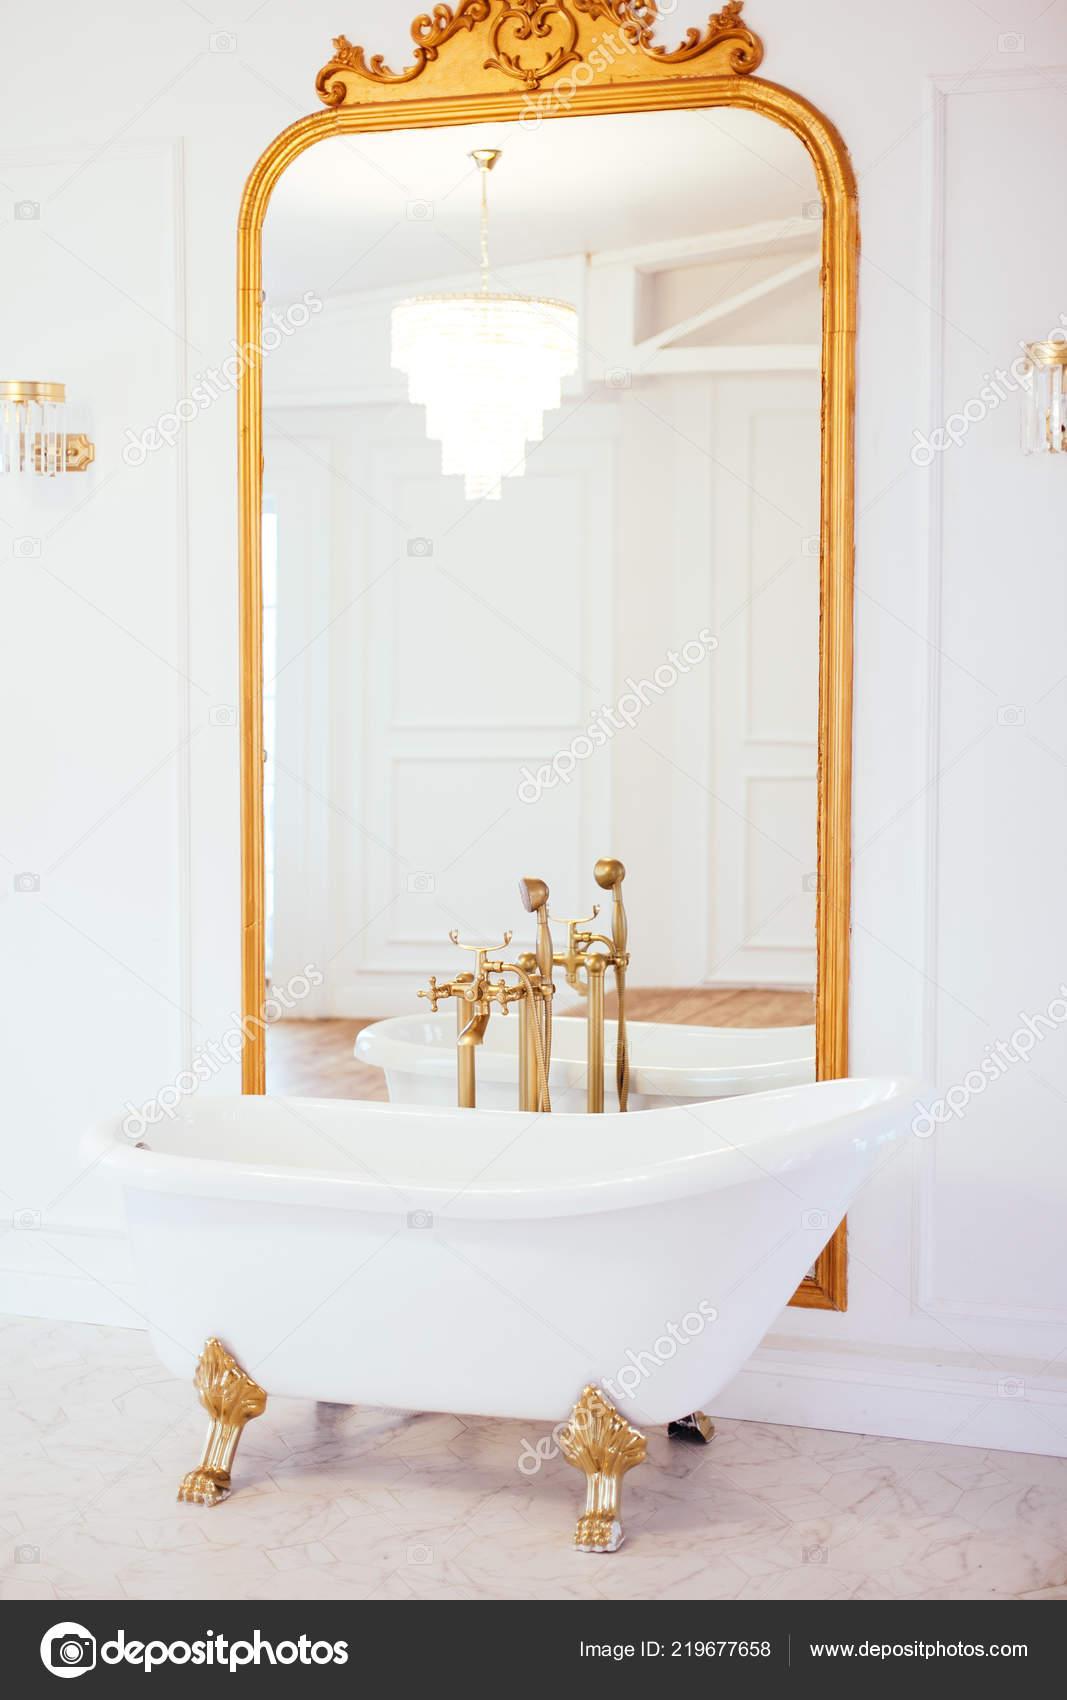 Vintage Weiß Bad Der Nähe Von Spiegel Mit Einem Goldenen — Stockfoto ...